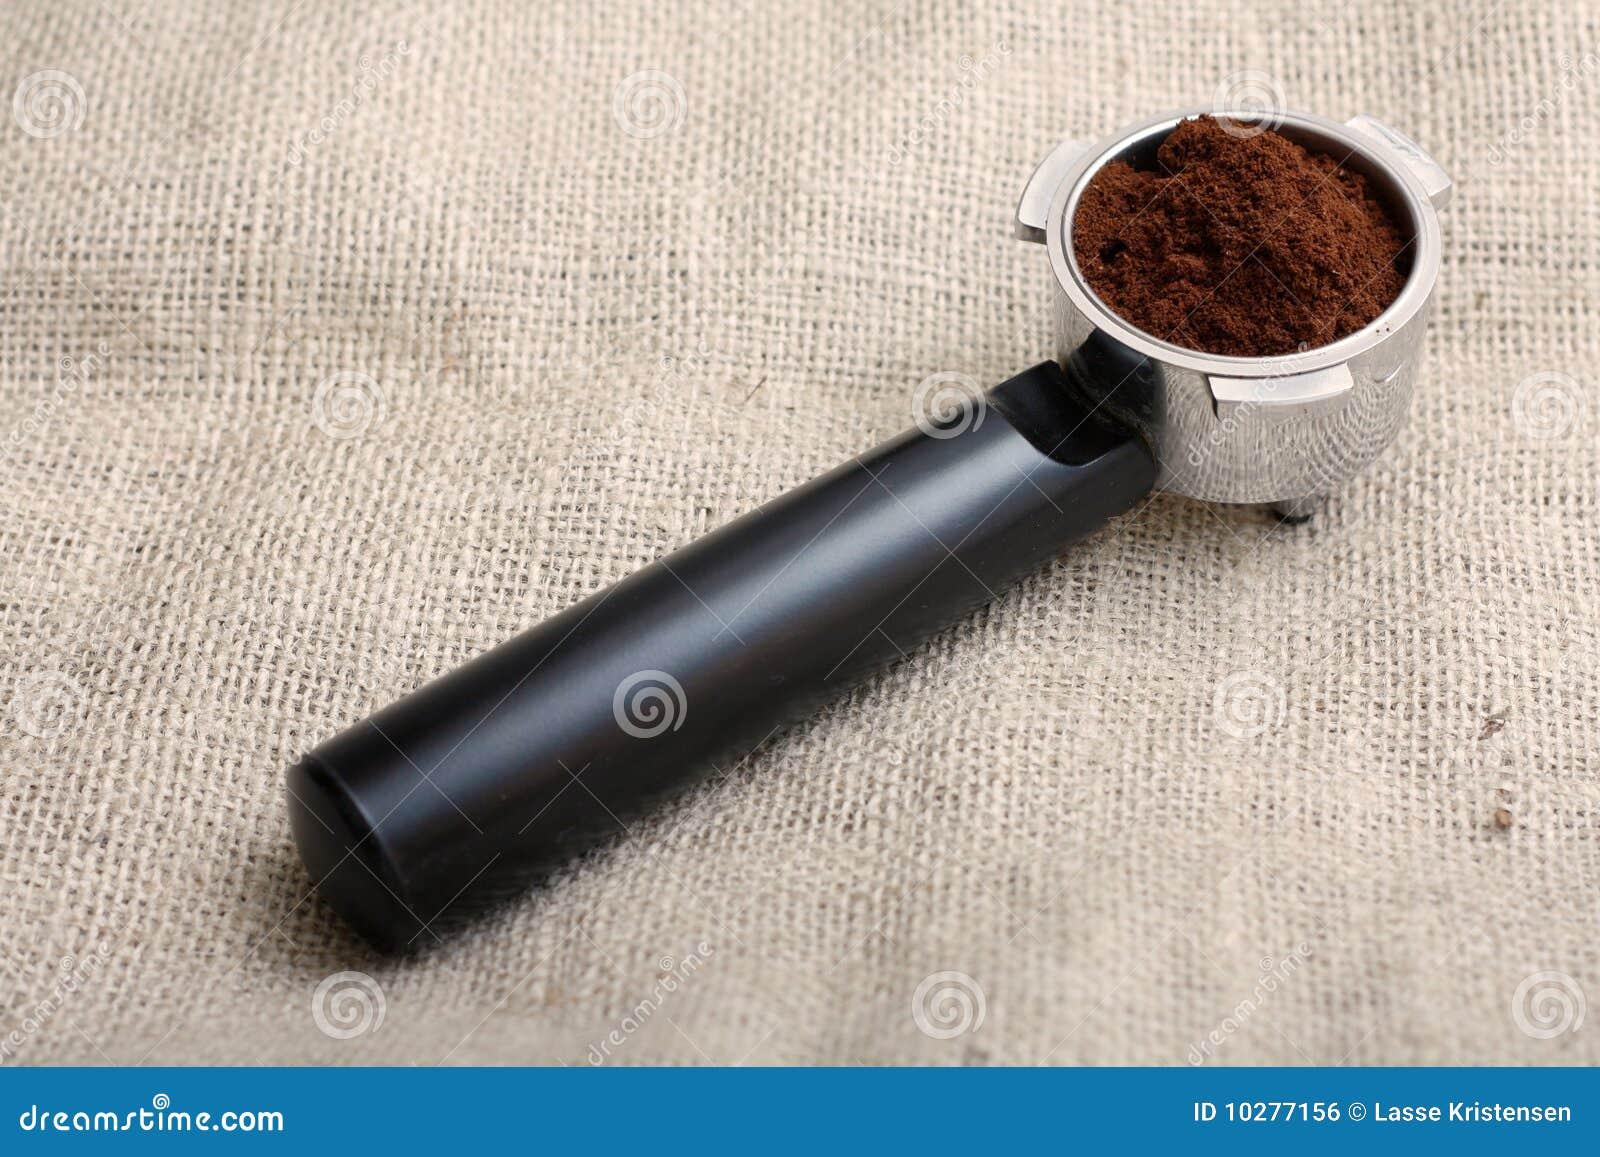 espresso machine handles